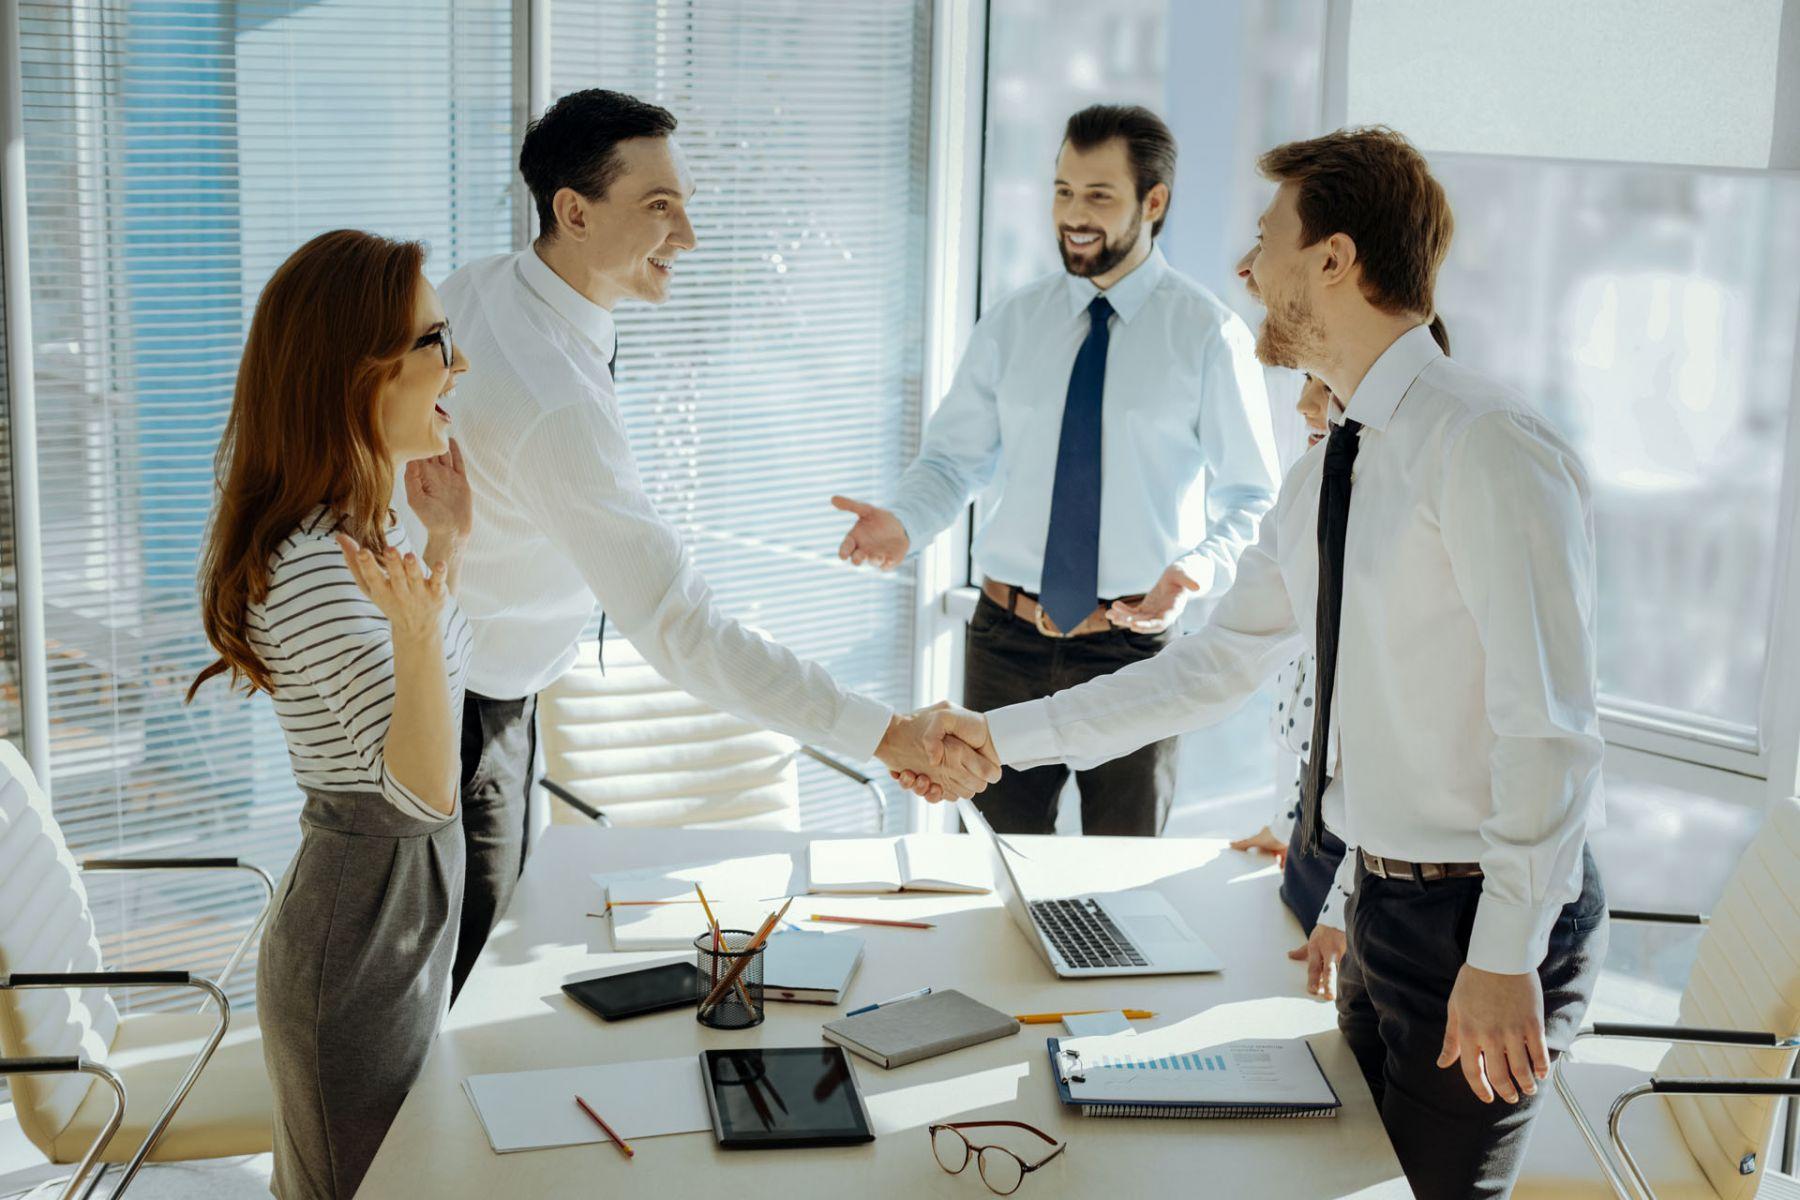 同業可以競爭,也可以合作!矽谷天使林富元:用有限資源成就無限事業